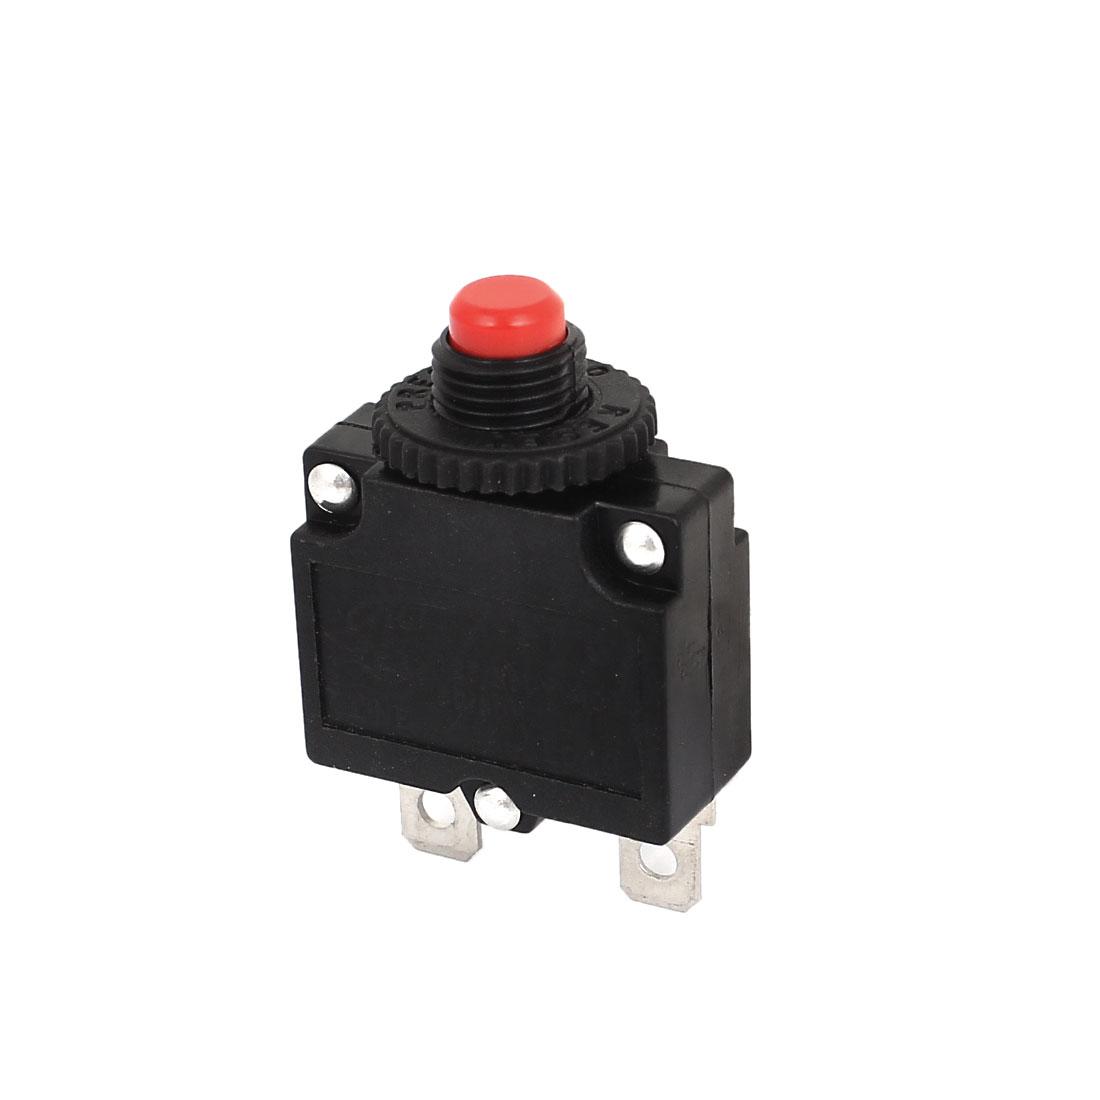 AC125/250V 15A 2P Air Compressor Push Reset Circuit Breaker Overload Protector